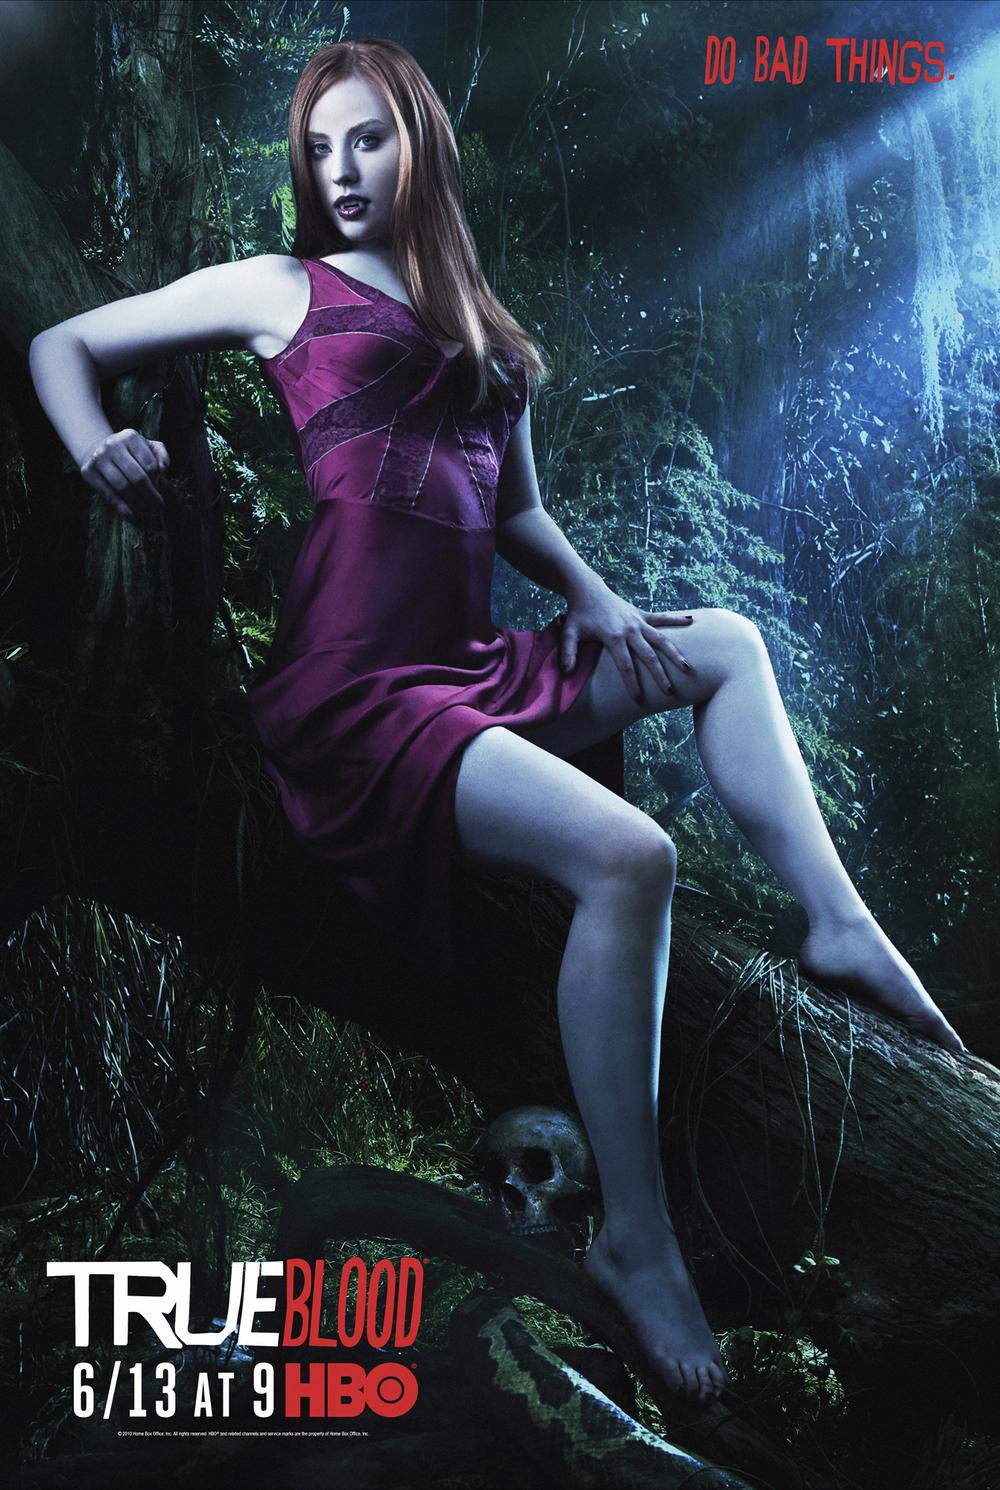 HBO - Deborah Ann Woll in True Blood - Los Angeles, CA